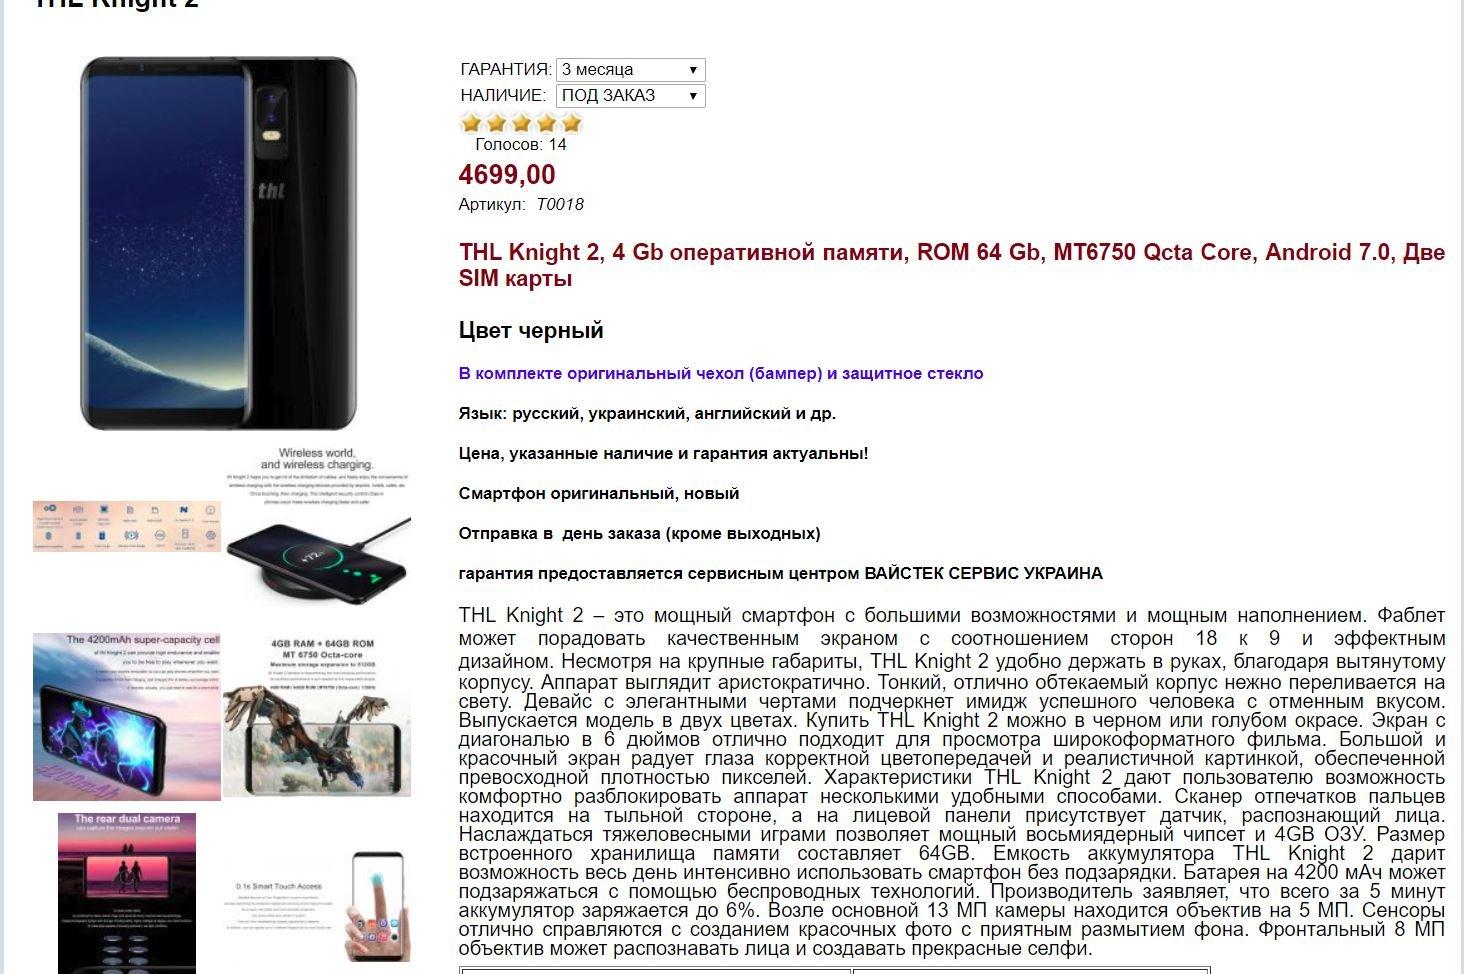 http://ipic.su/img/img7/fs/telefon.1572870623.jpg